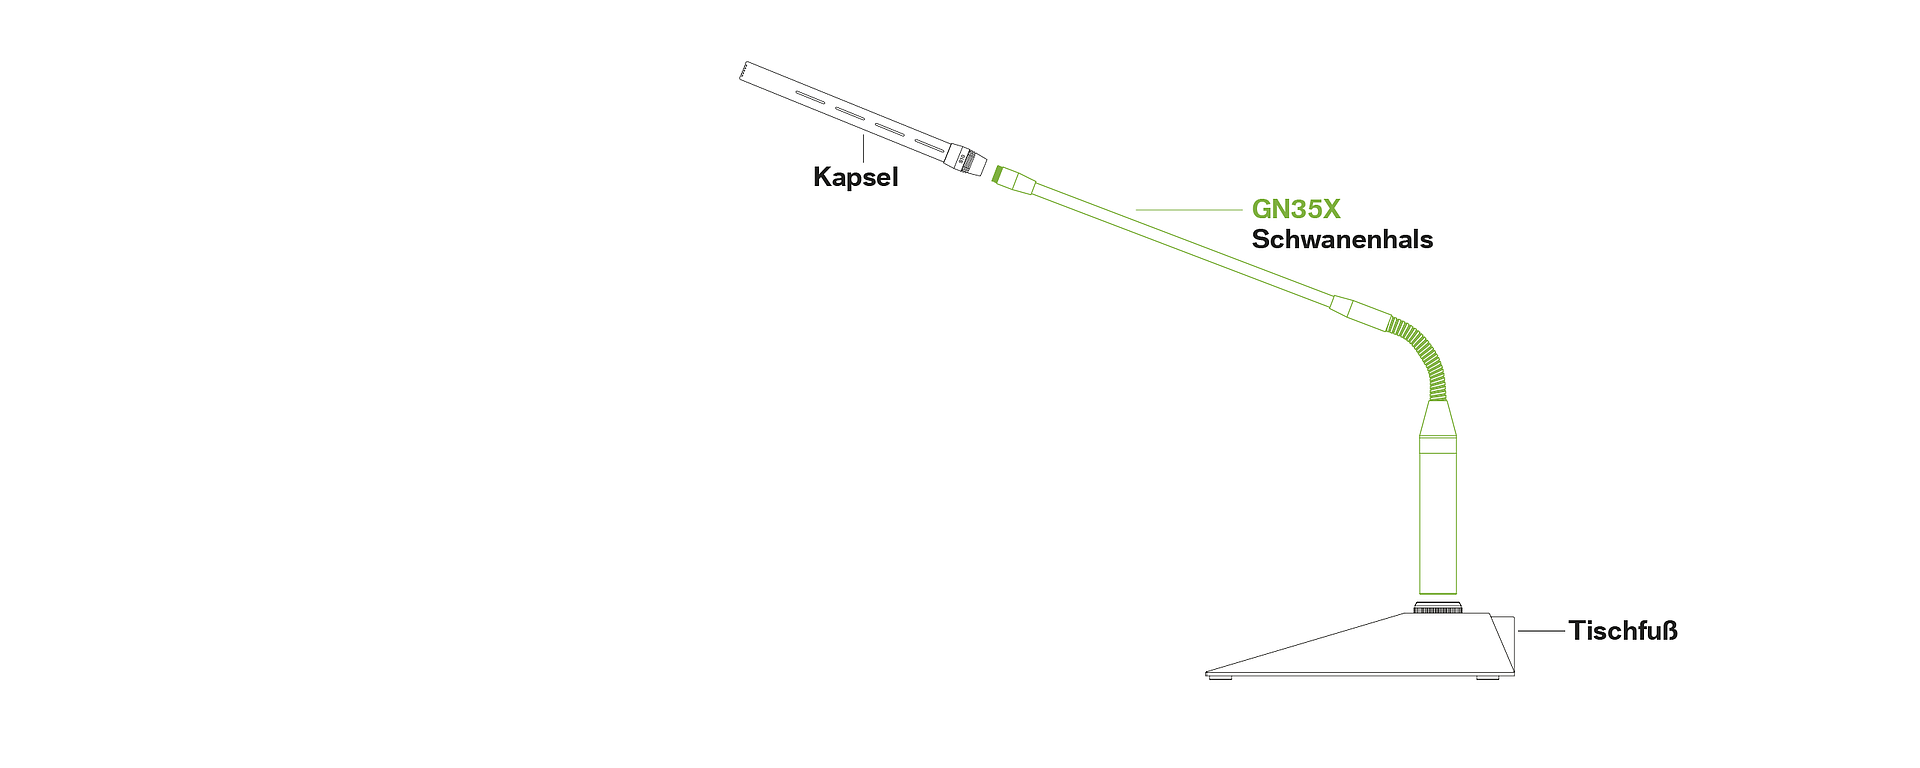 GN35X Schwanenhals Konferenzmikrofone Diskussion System LEWITT Tischfuß